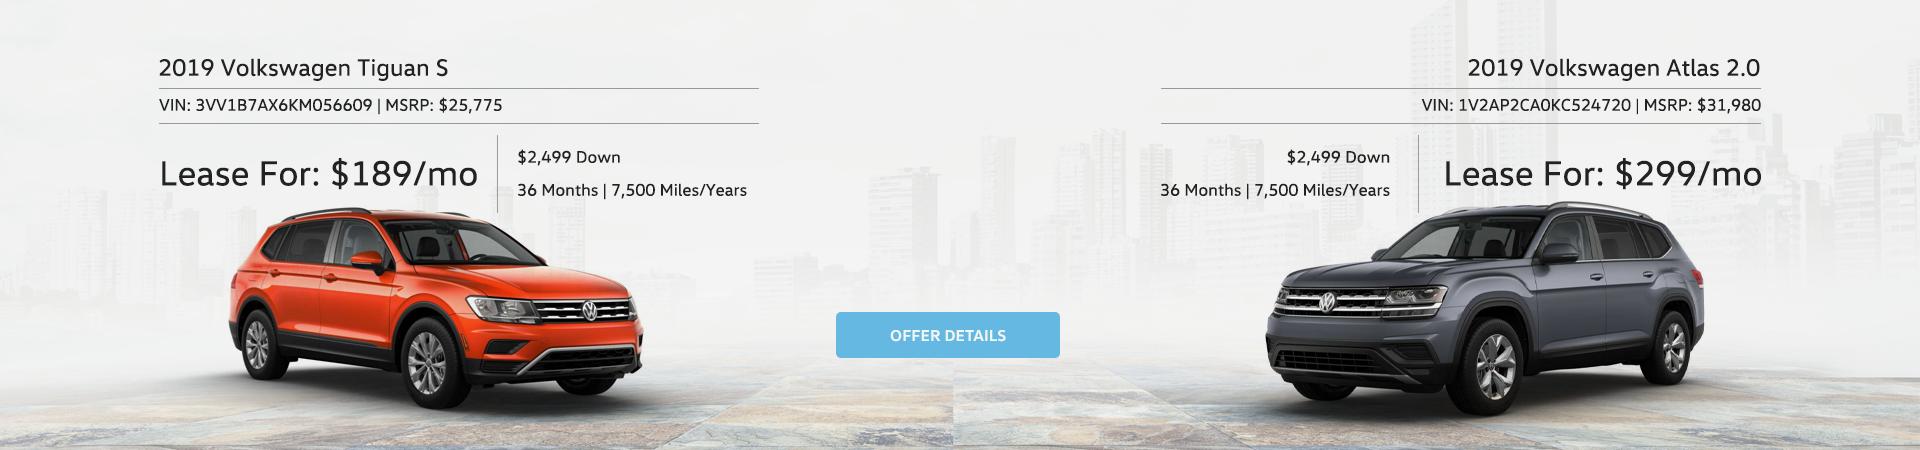 Volkswagen Tiguan and Atlas Special Offers